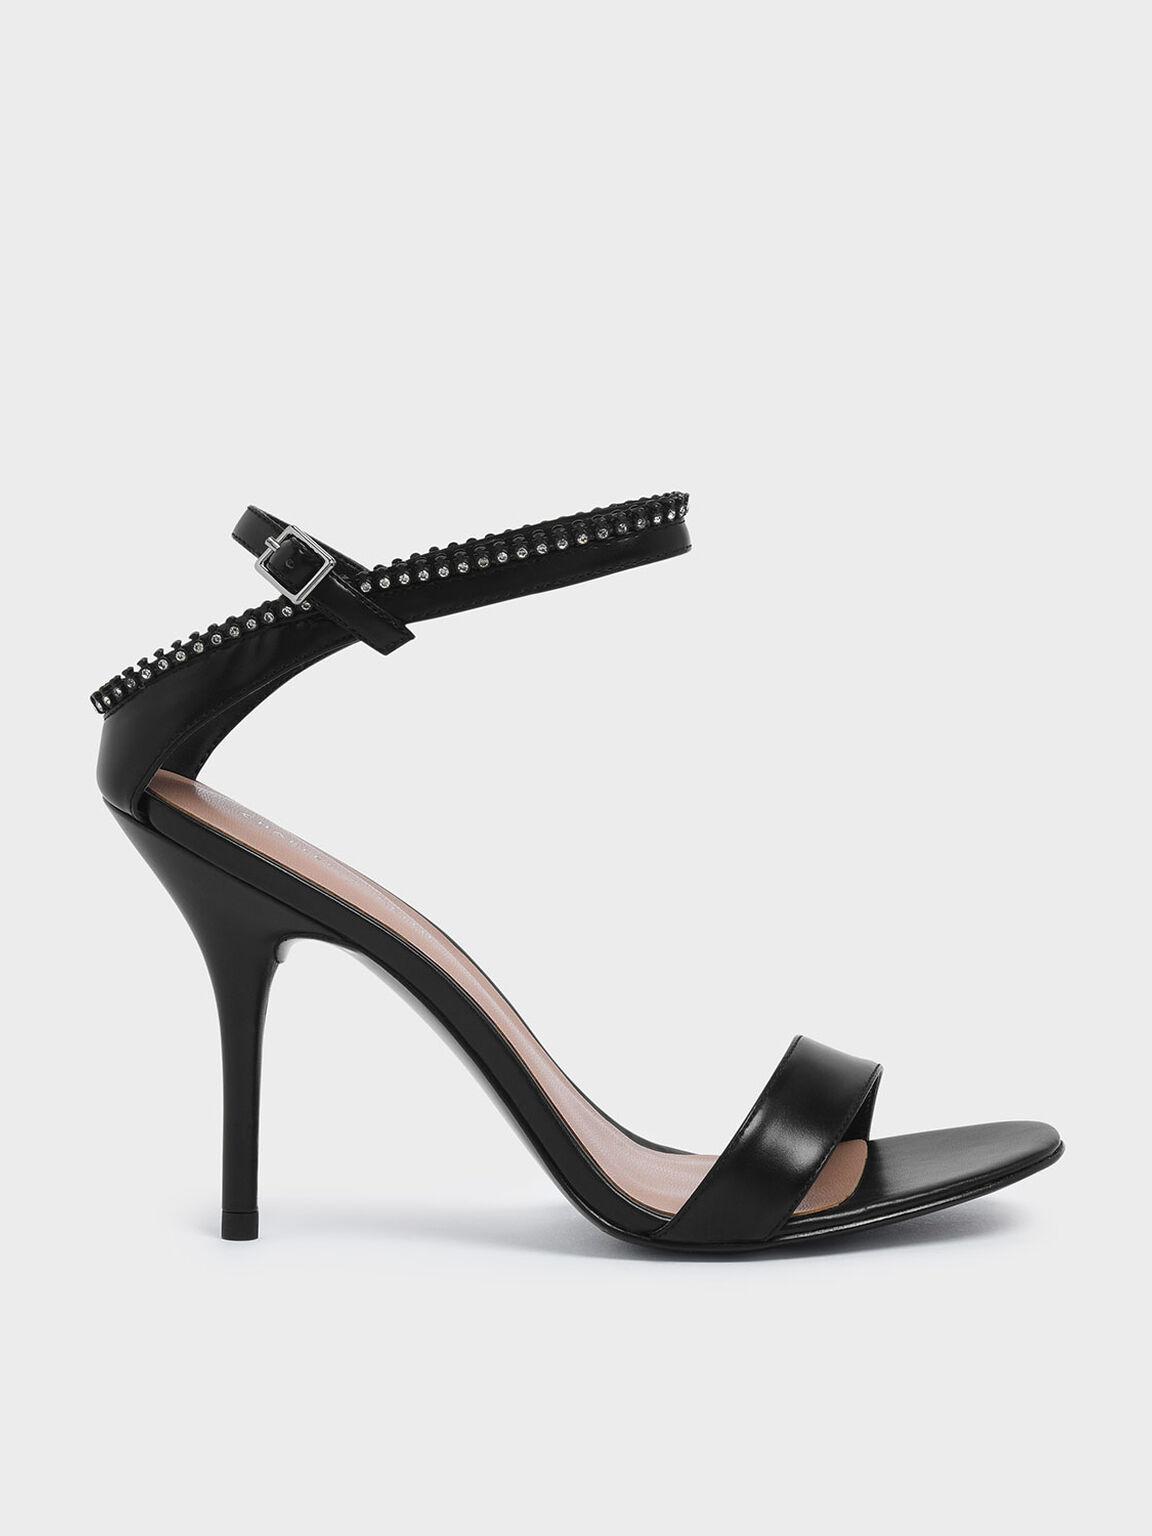 Gem Embellished Ankle Strap Heeled Sandals, Black, hi-res